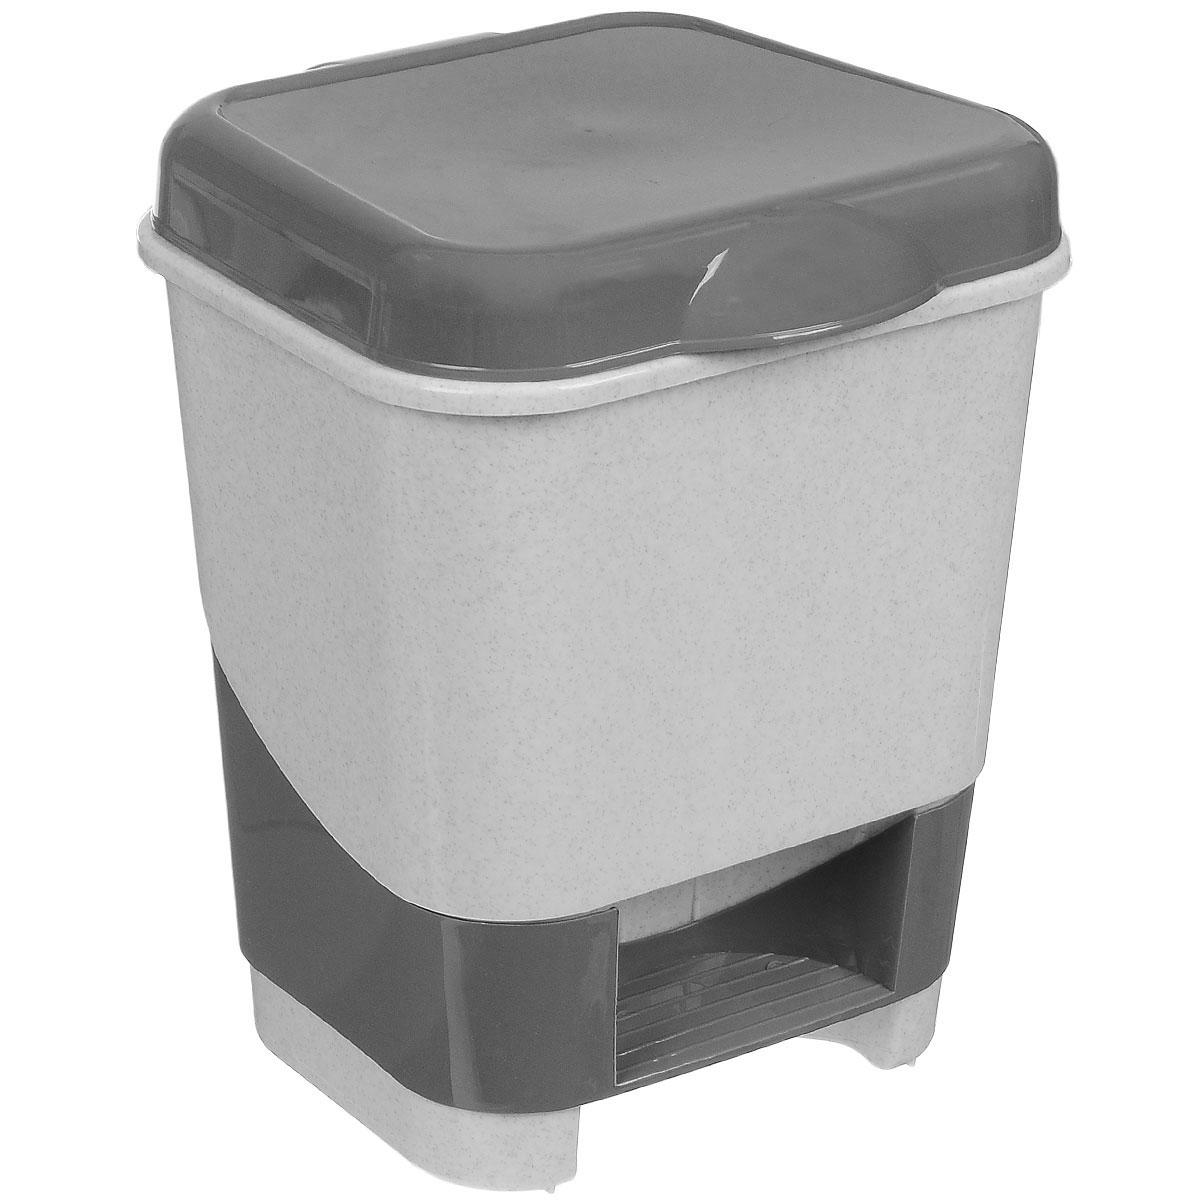 Контейнер для мусора Полимербыт, с педалью, цвет: серый, белый, 8 л98299571Контейнер для мусора Полимербыт изготовлен из высококачественного цветного пластика. Контейнер оснащен педалью, с помощью которой можно открыть крышку. Крышка плотно прилегает, предотвращая распространение запаха. Бороться с мелким мусором станет легко. Контейнер для мусора Полимербыт - это не только емкость для хранения мусора, но и яркий предмет декора, который оригинально украсит интерьер кухни или ванной комнаты.